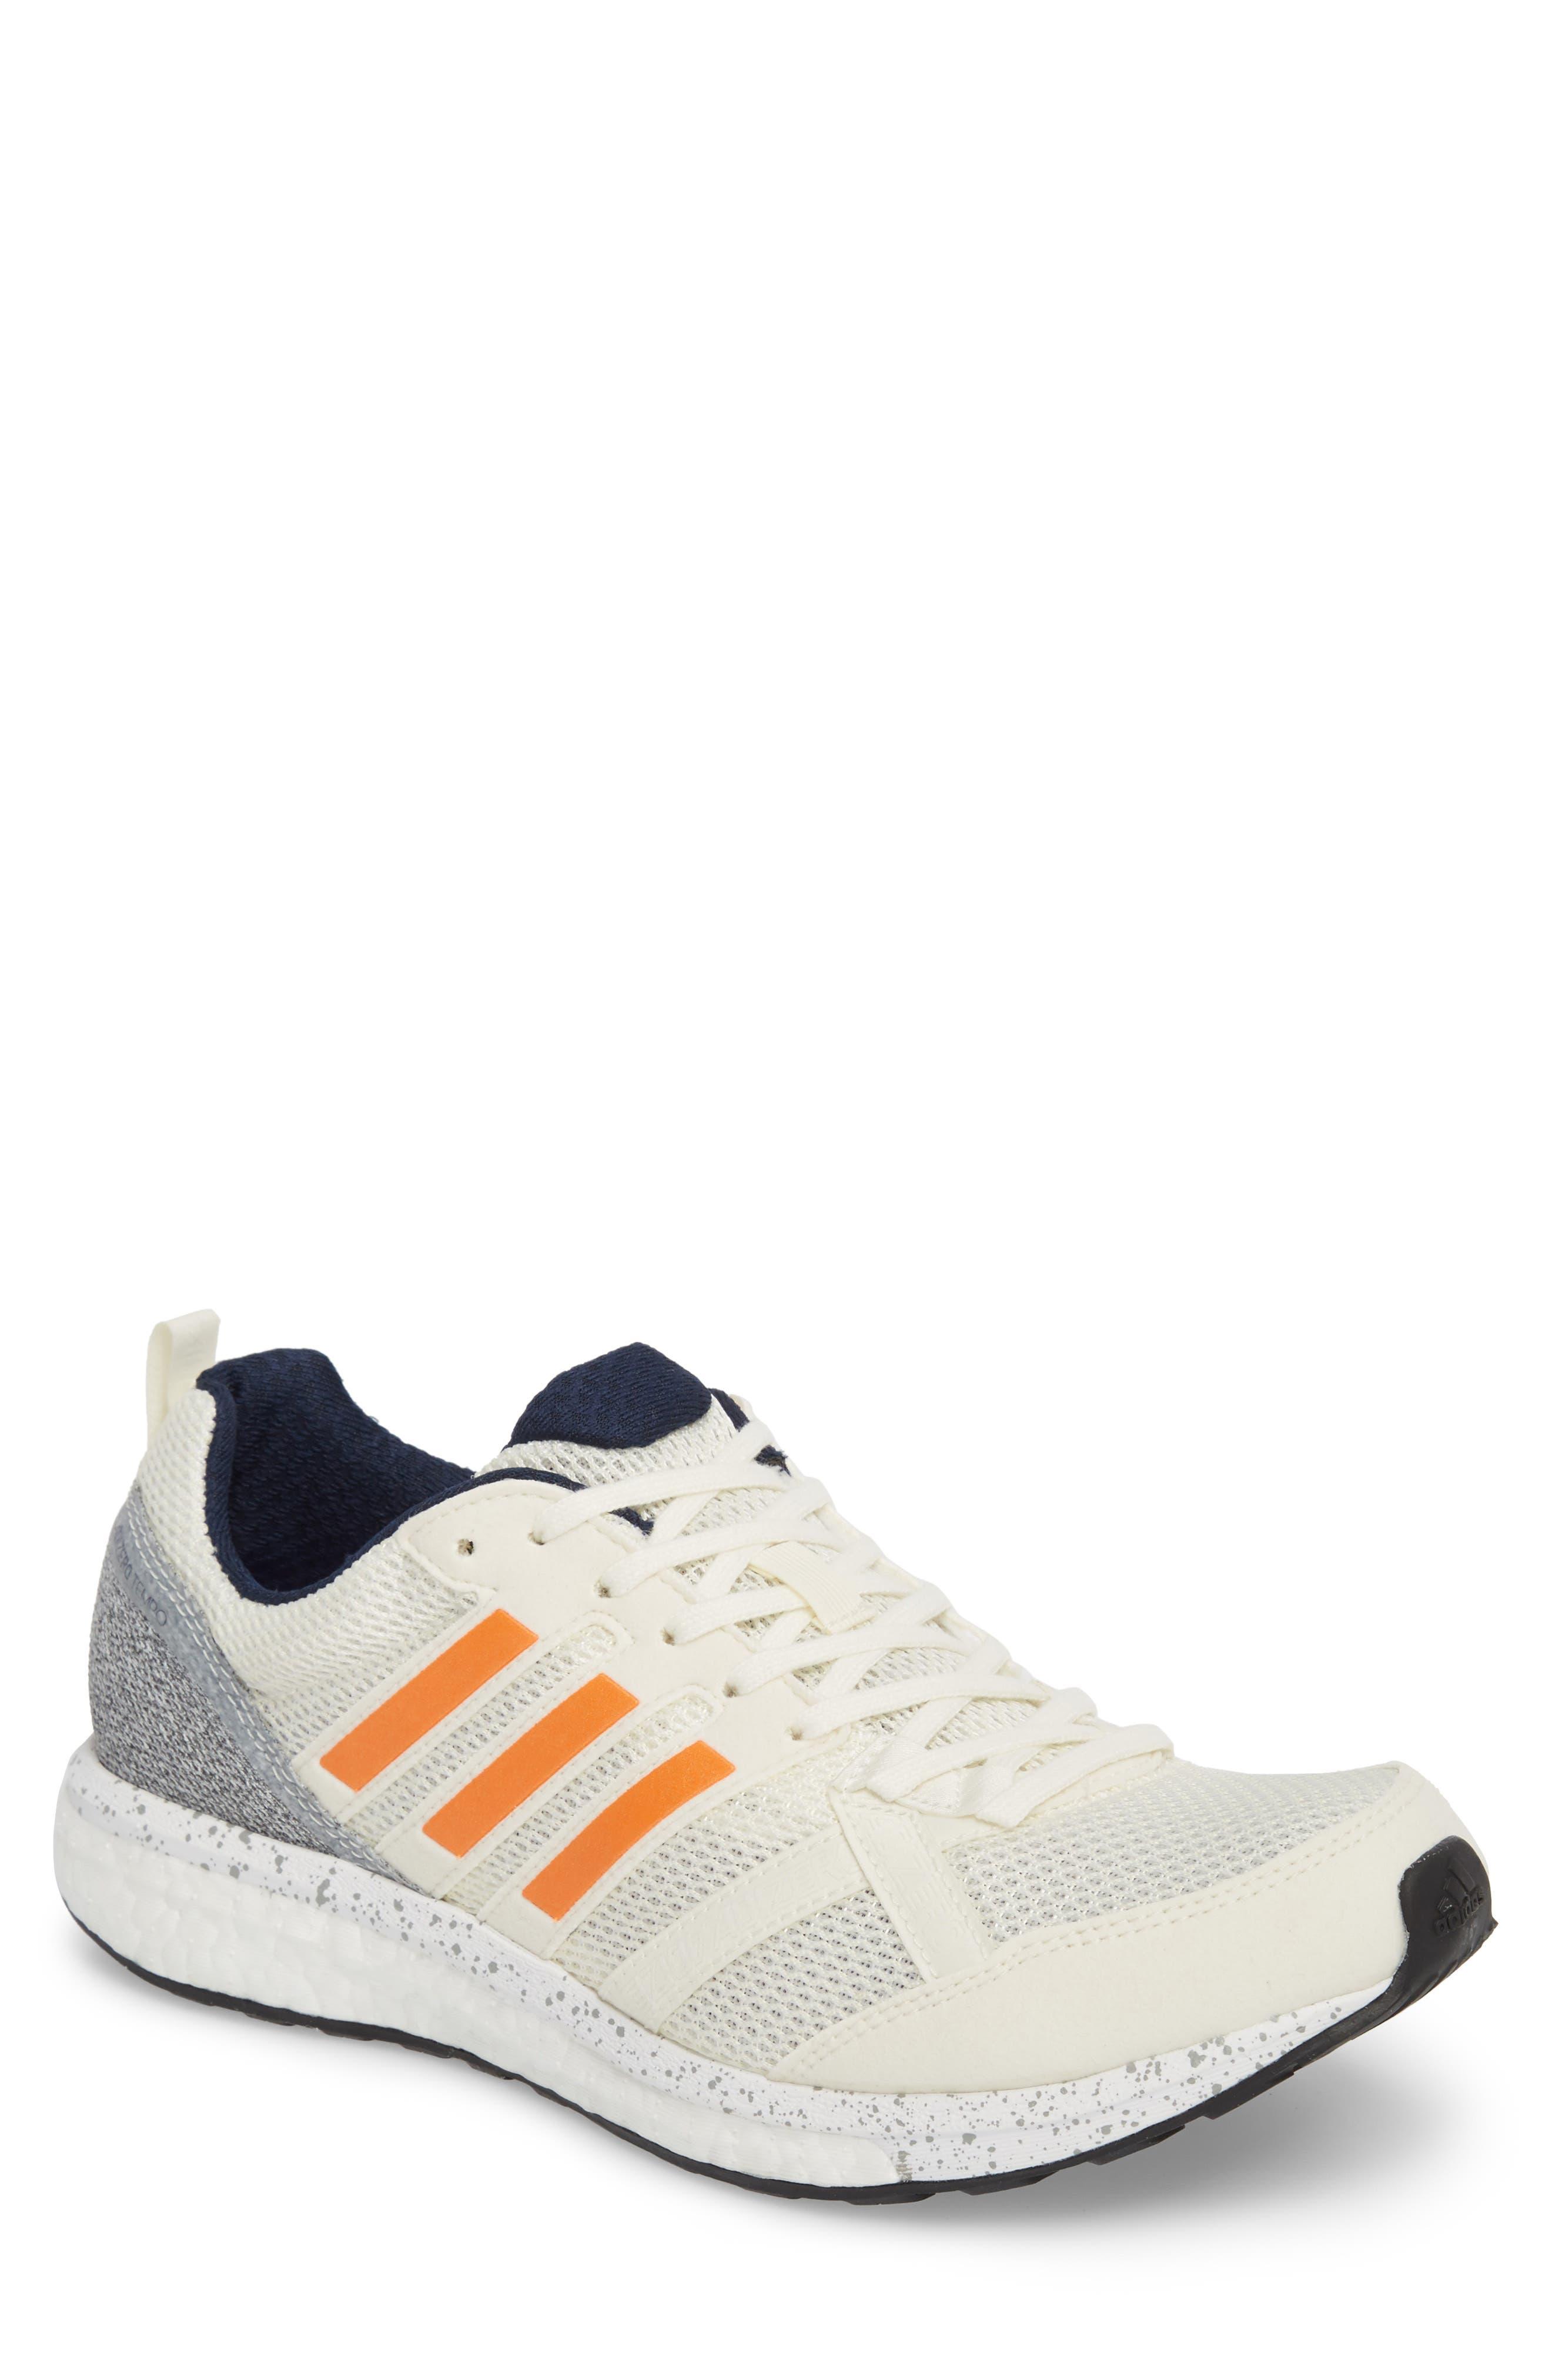 adidas Adizero Tempo 9 M Running Shoe (Men)